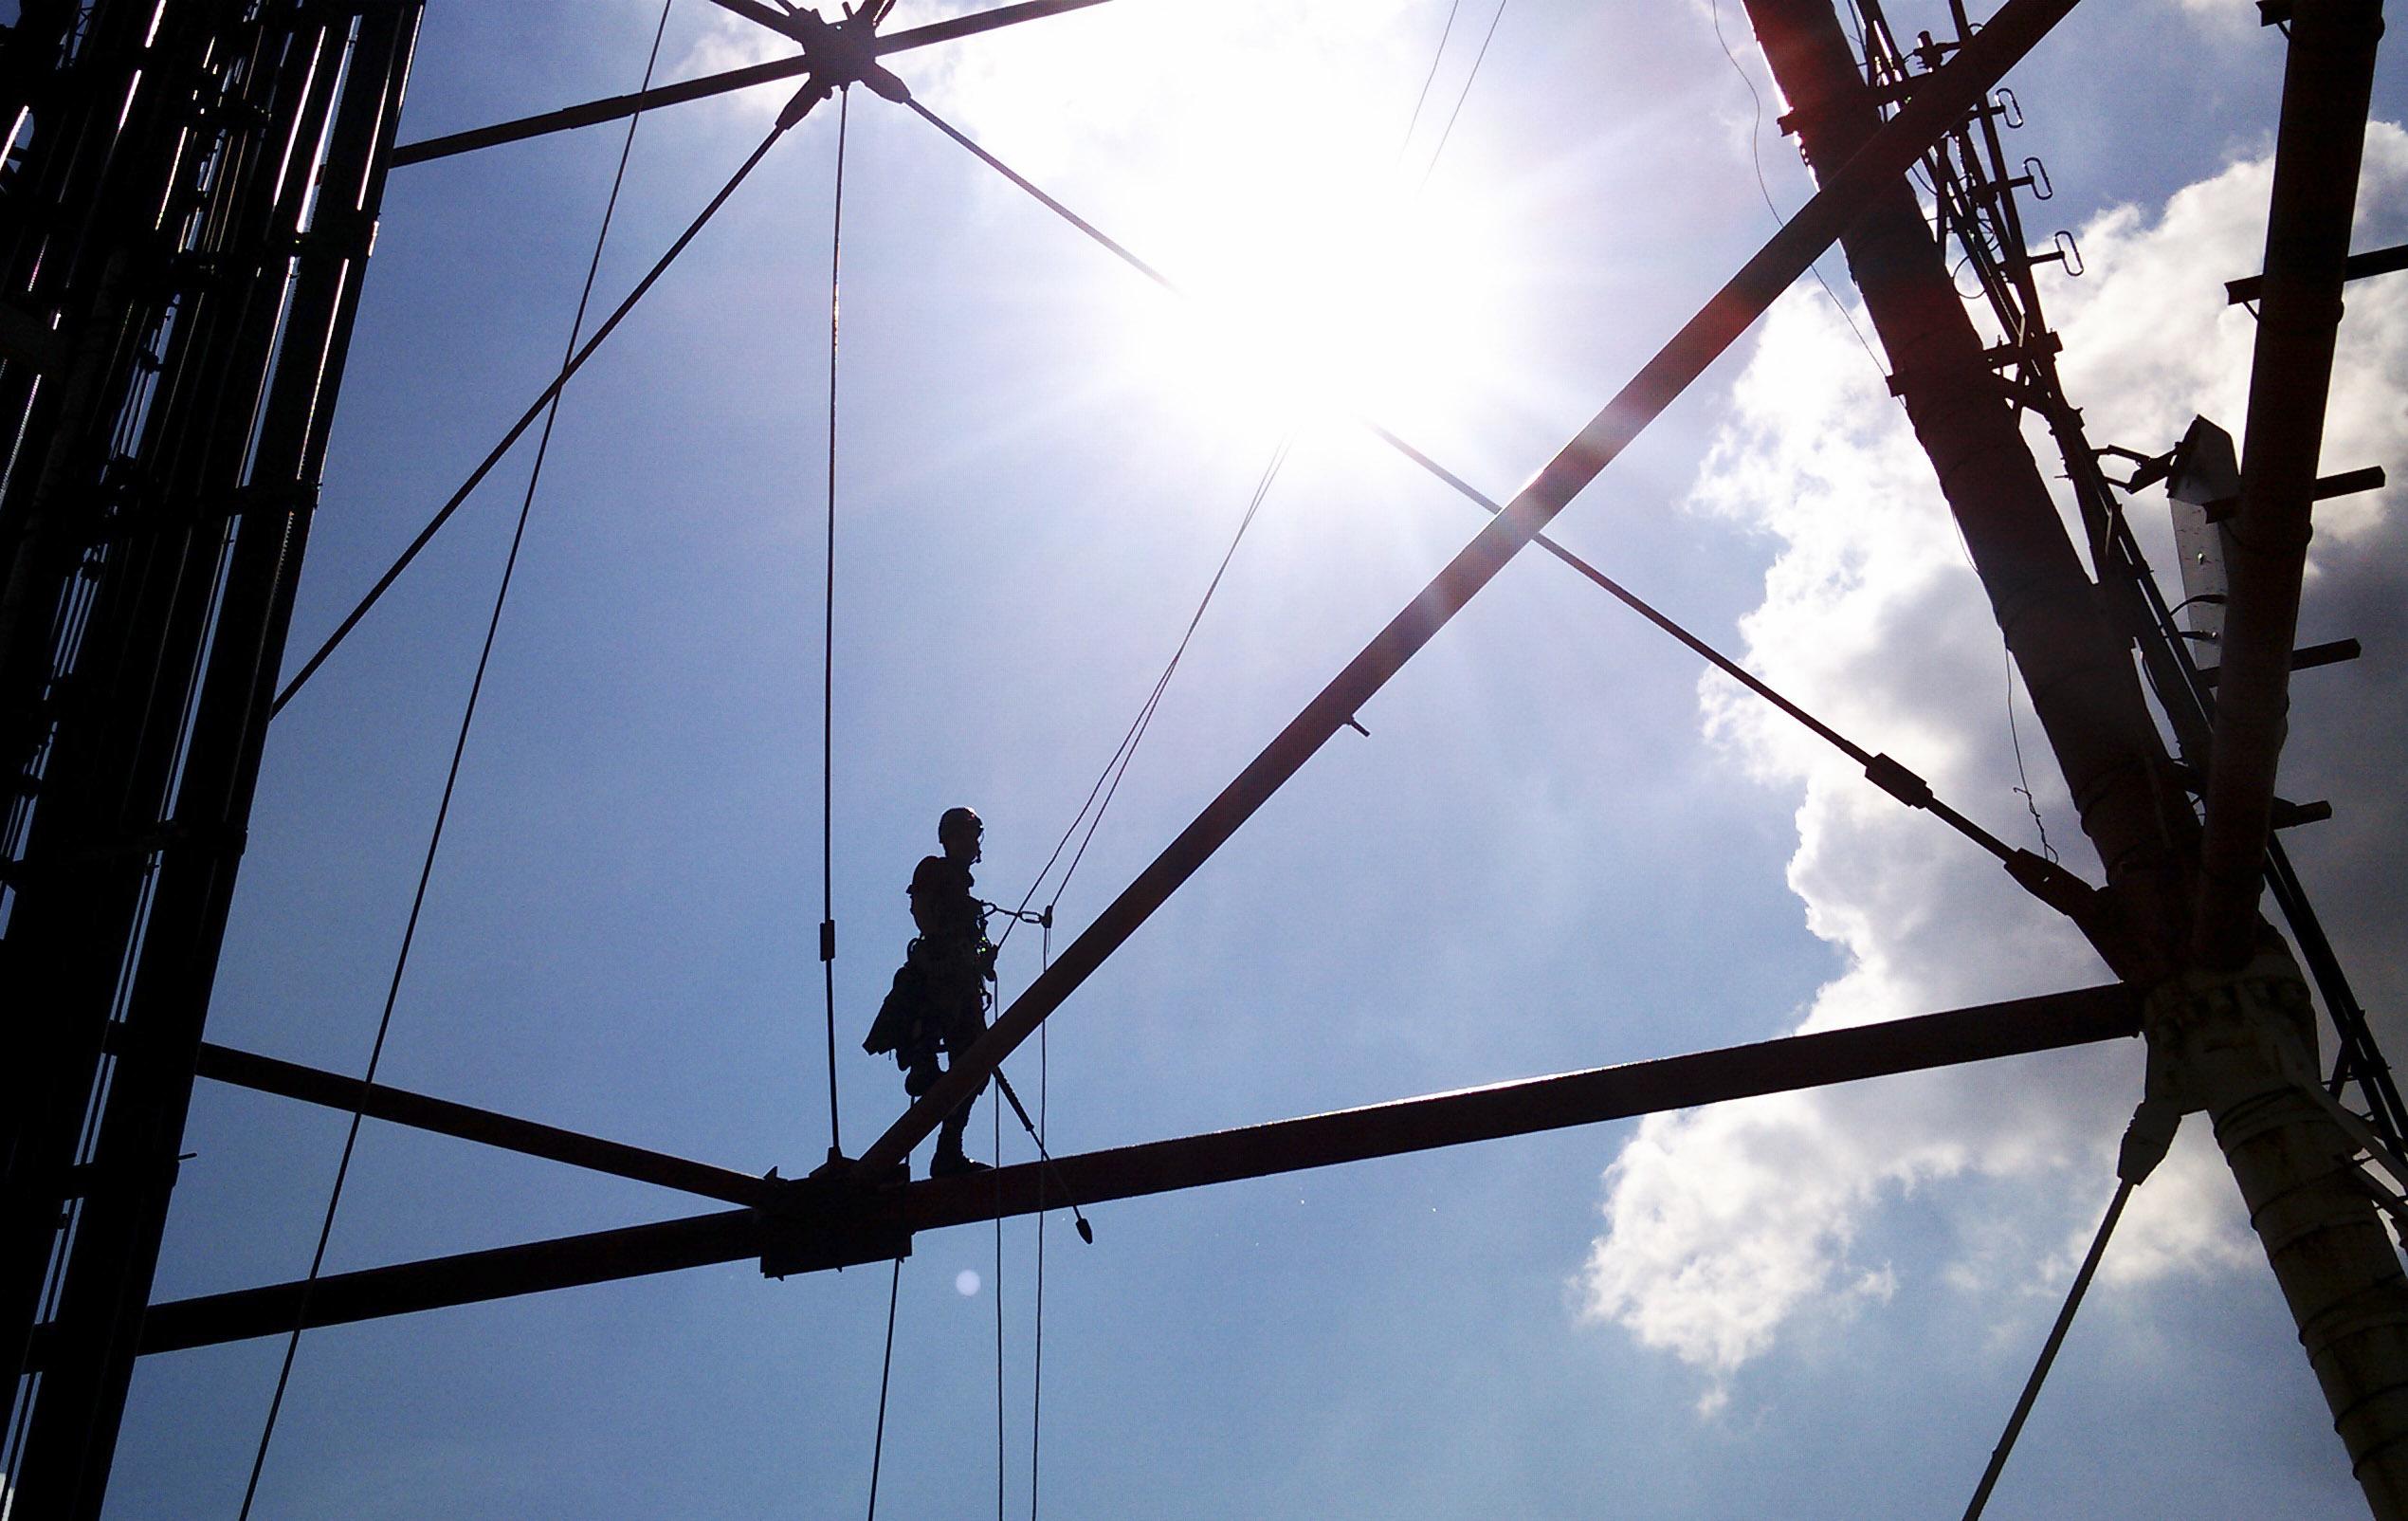 монтаж металлоконструкции промышленными альпинистами